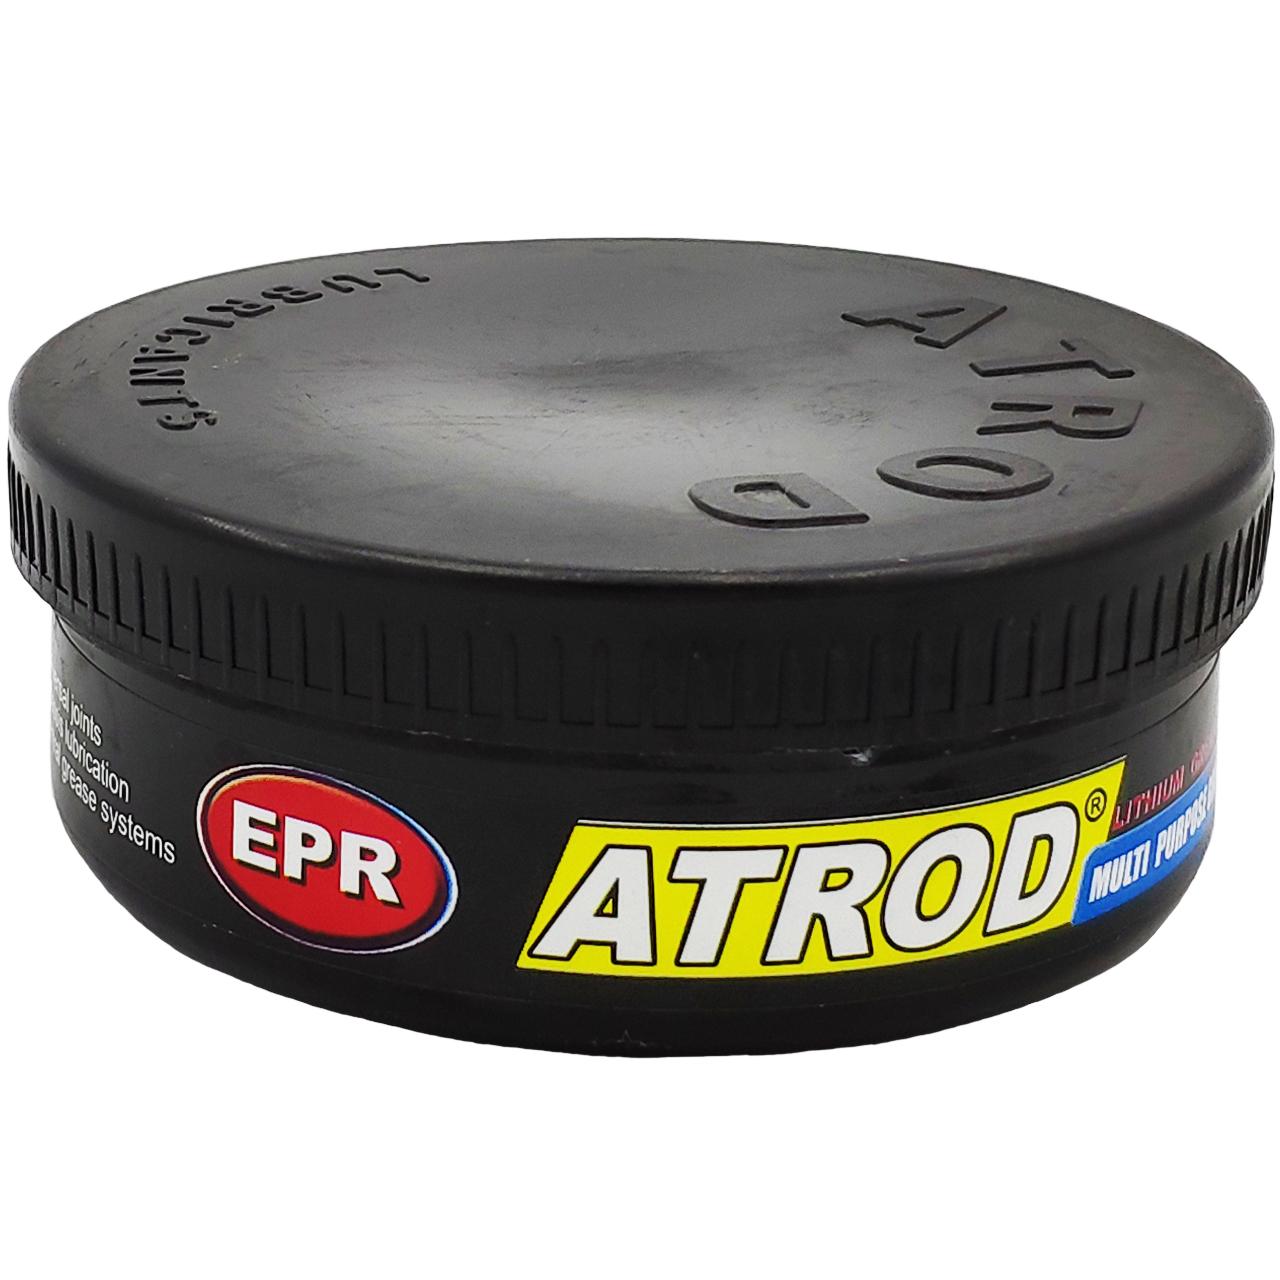 گریس آترود مدل EPR وزن 125 گرم